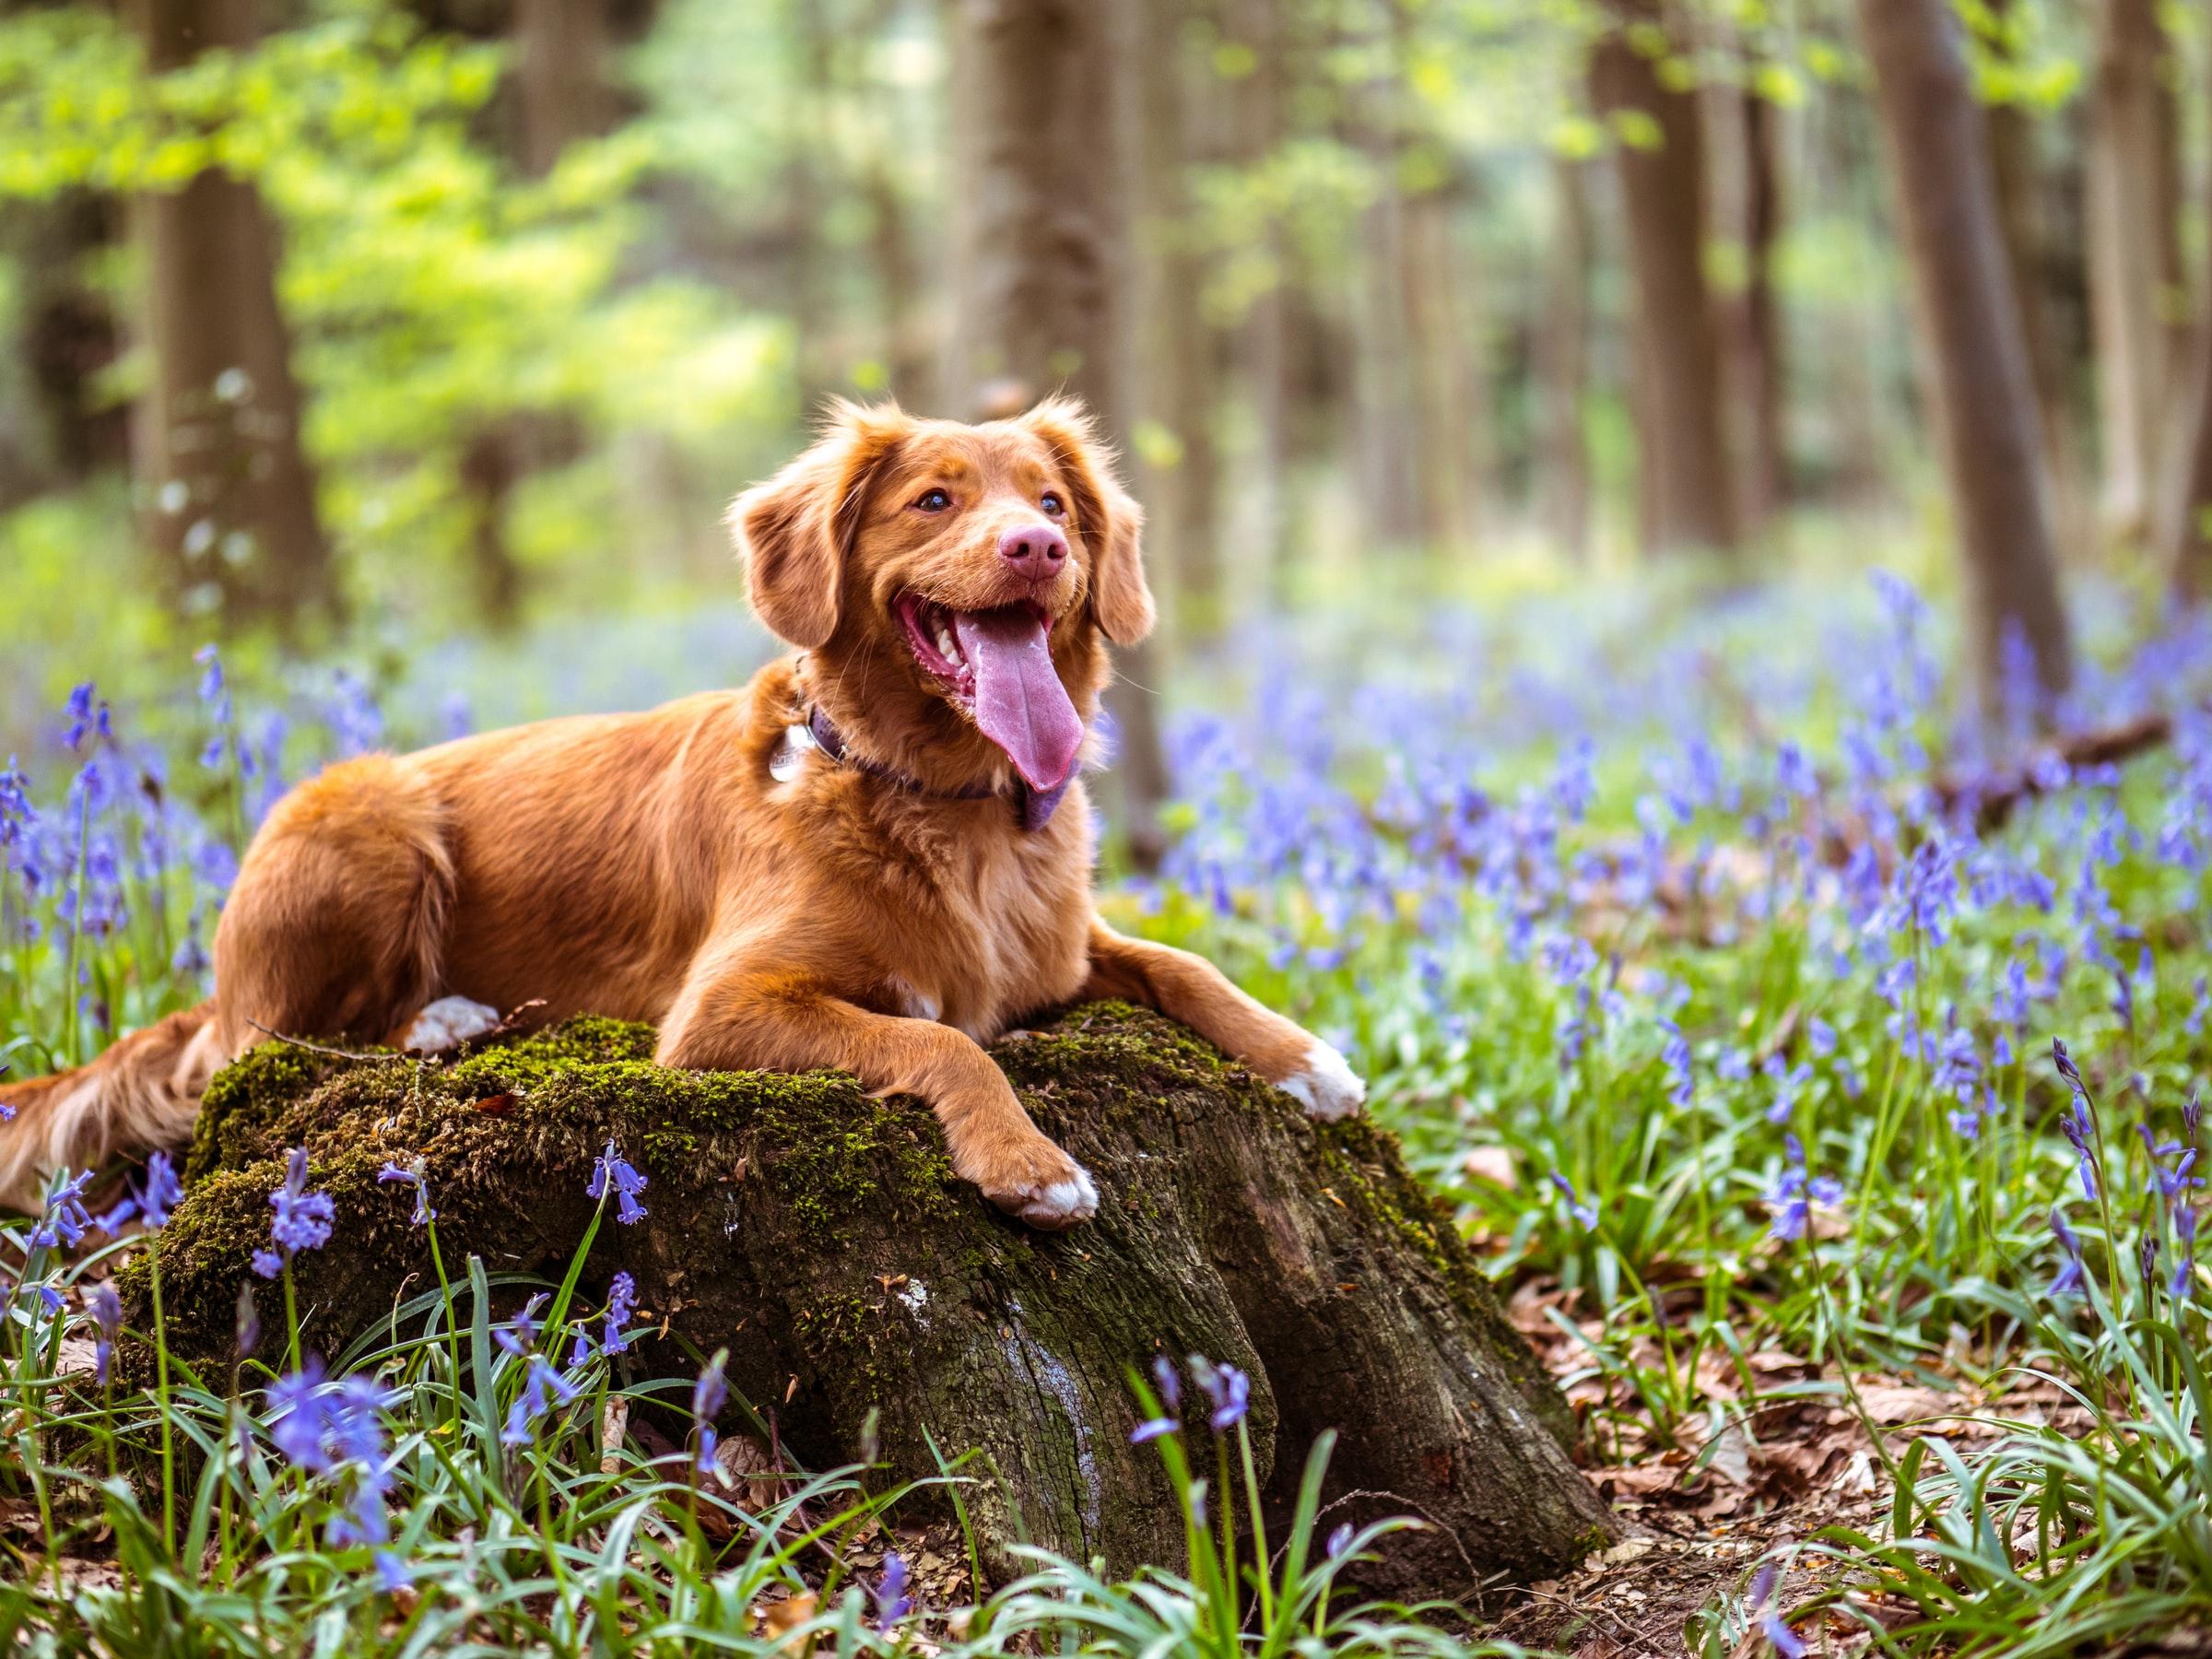 Wandern mit Hund - Hund auf Baumstumpf